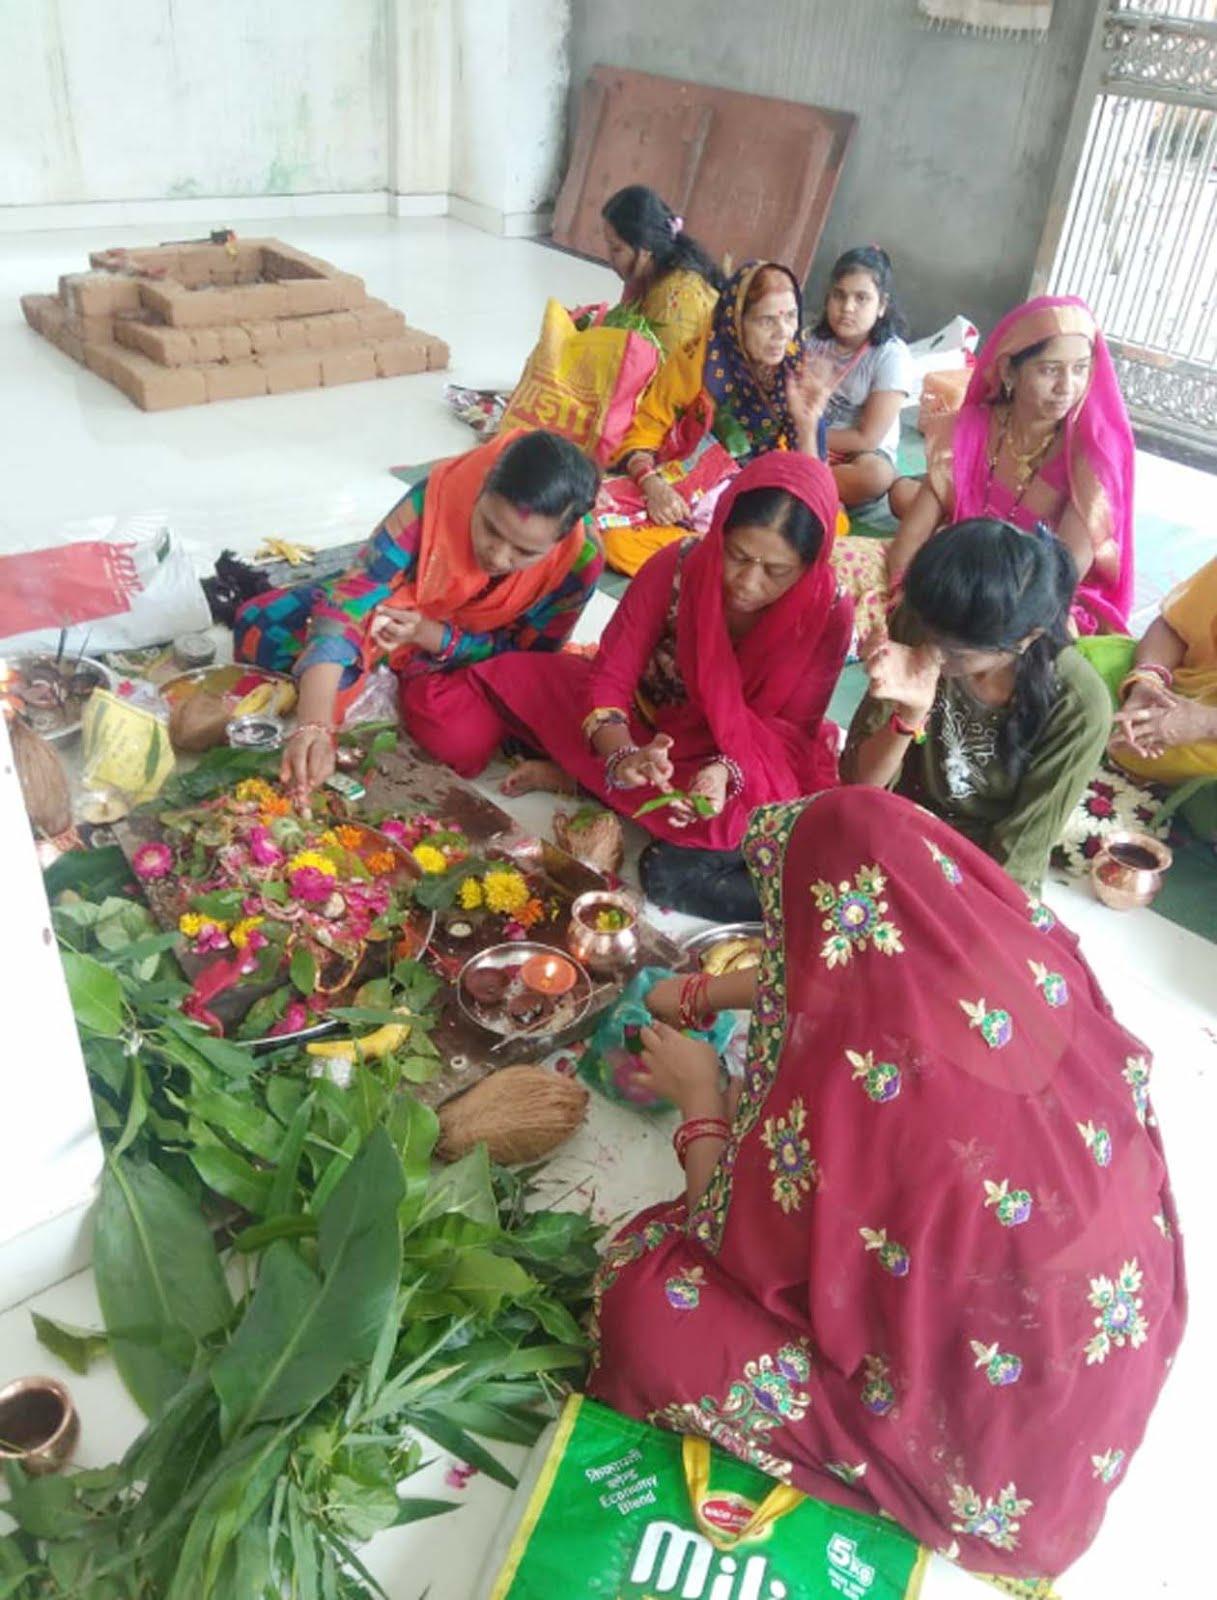 Jhabua News- उमापति महादेव मंदिर में मनाया गया हरितालिका तीज व्रत